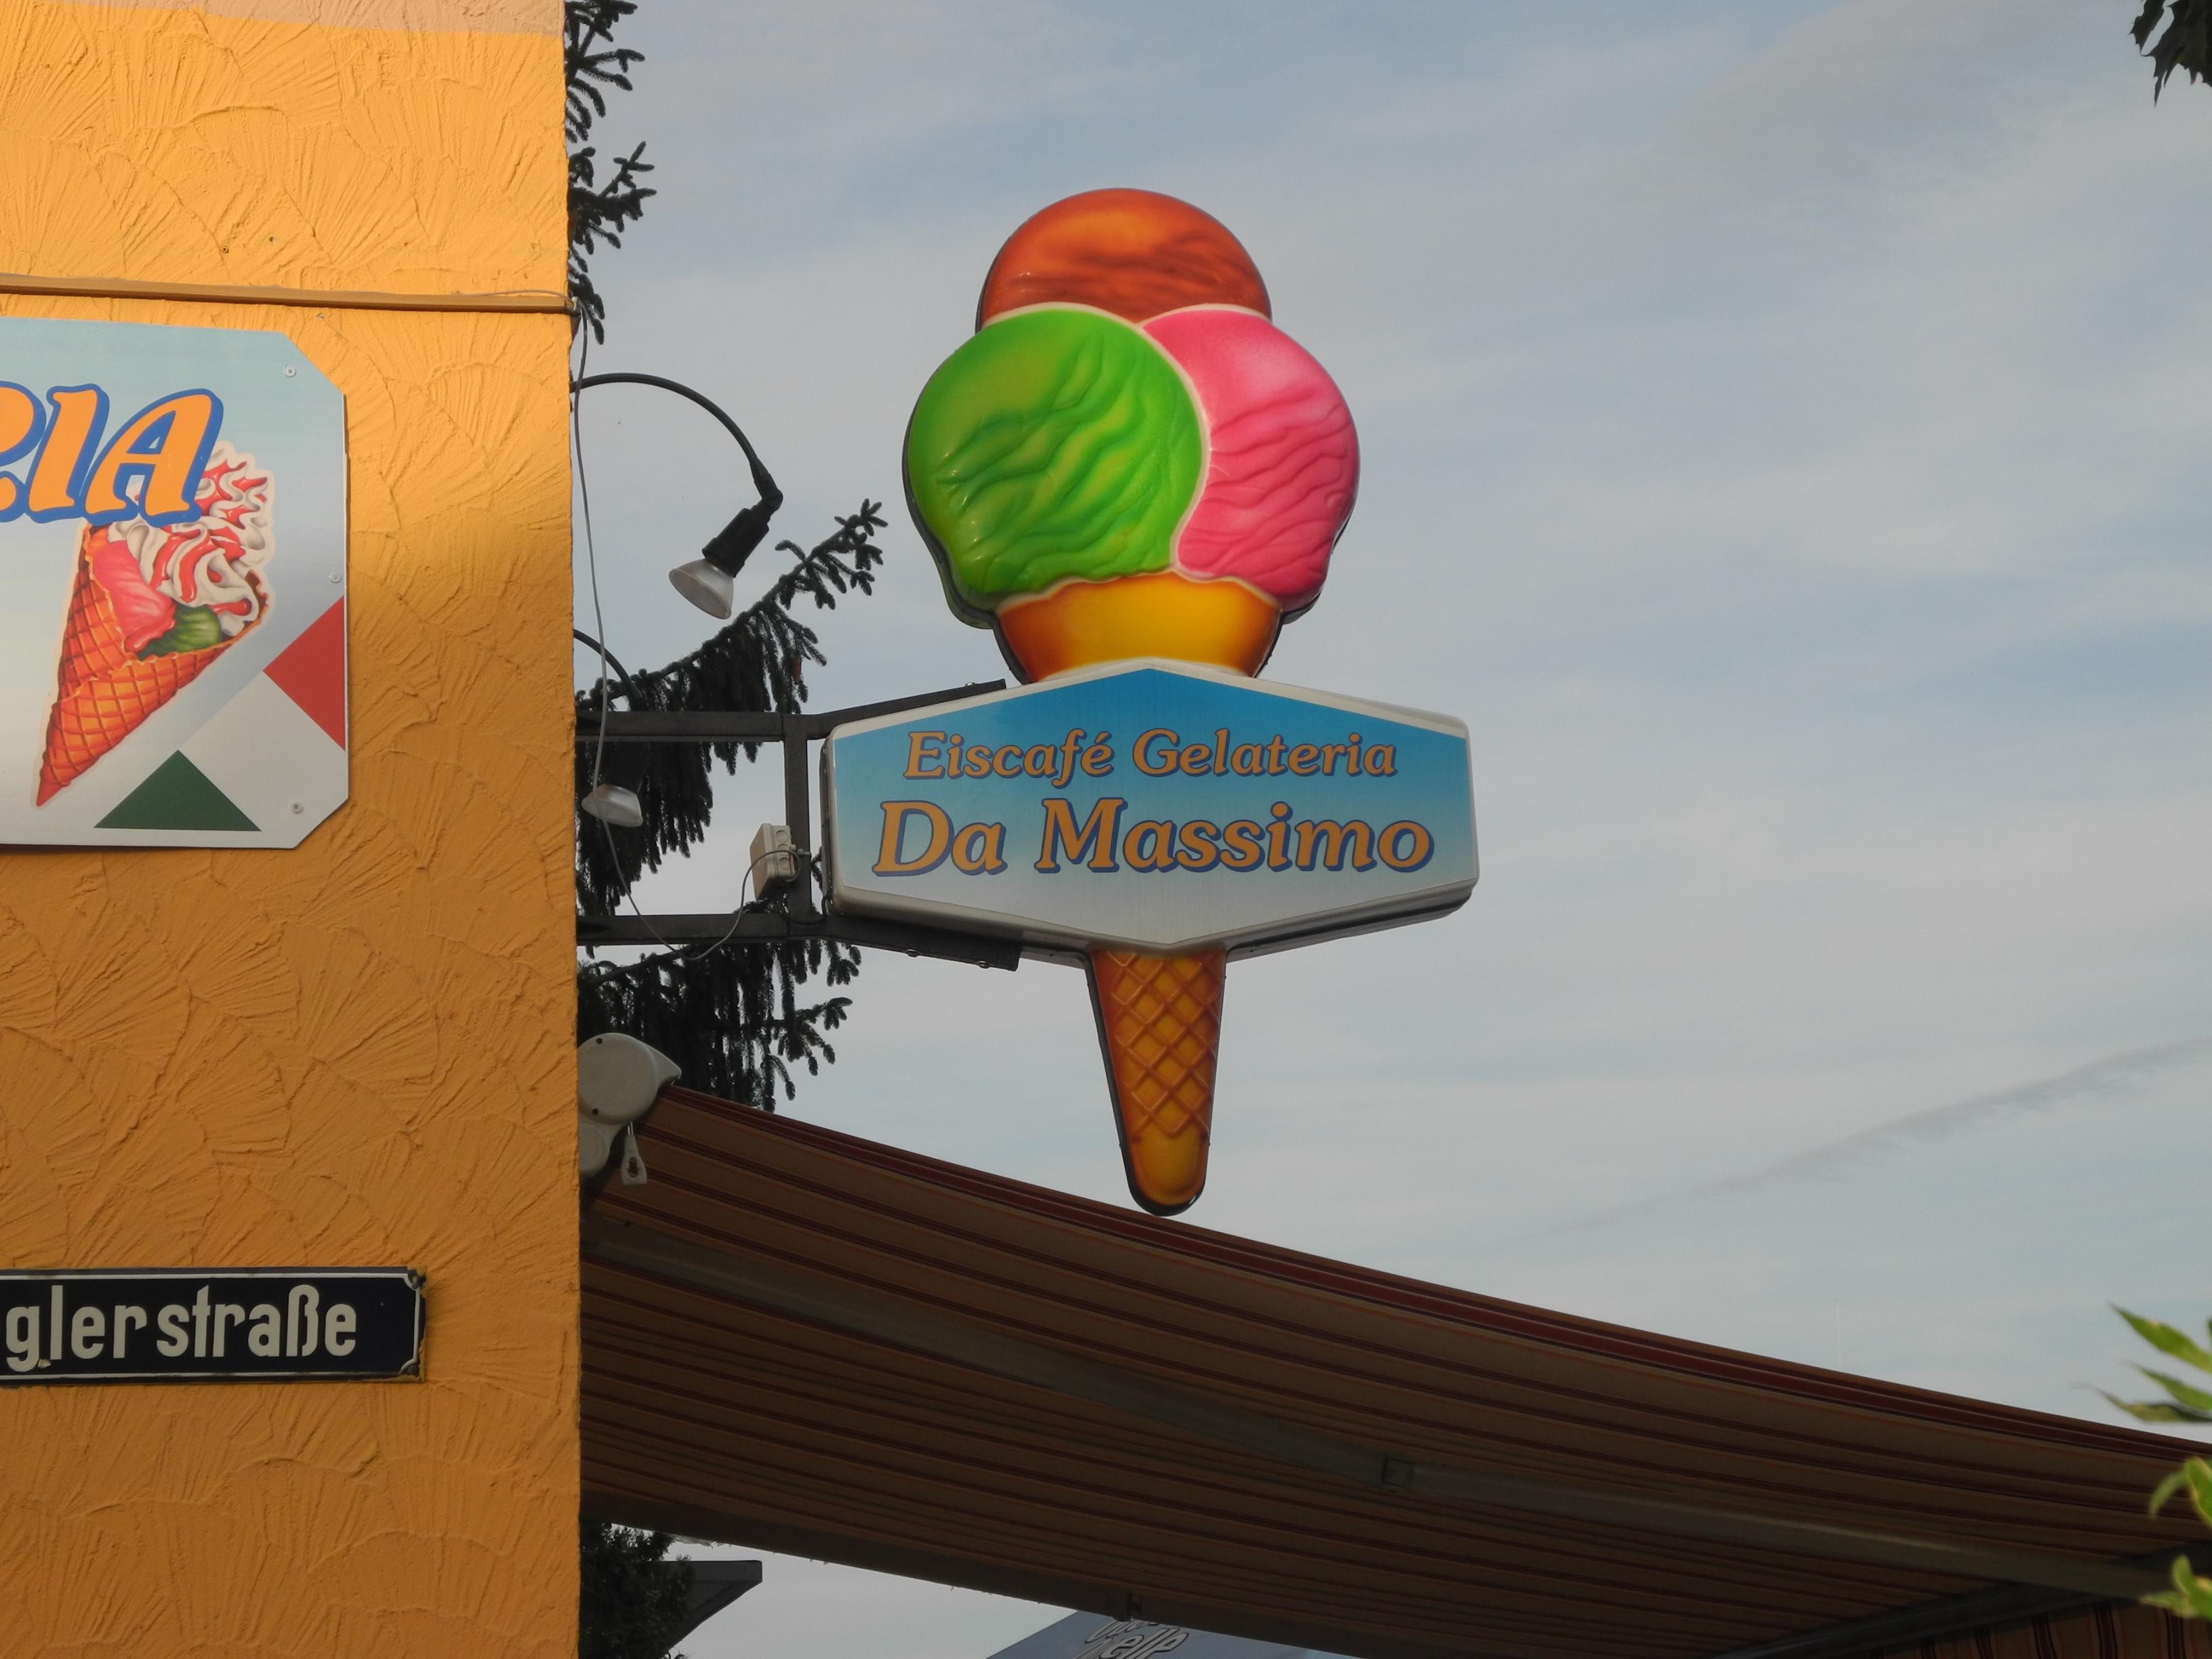 Eiscafé Gelateria Da Massimo